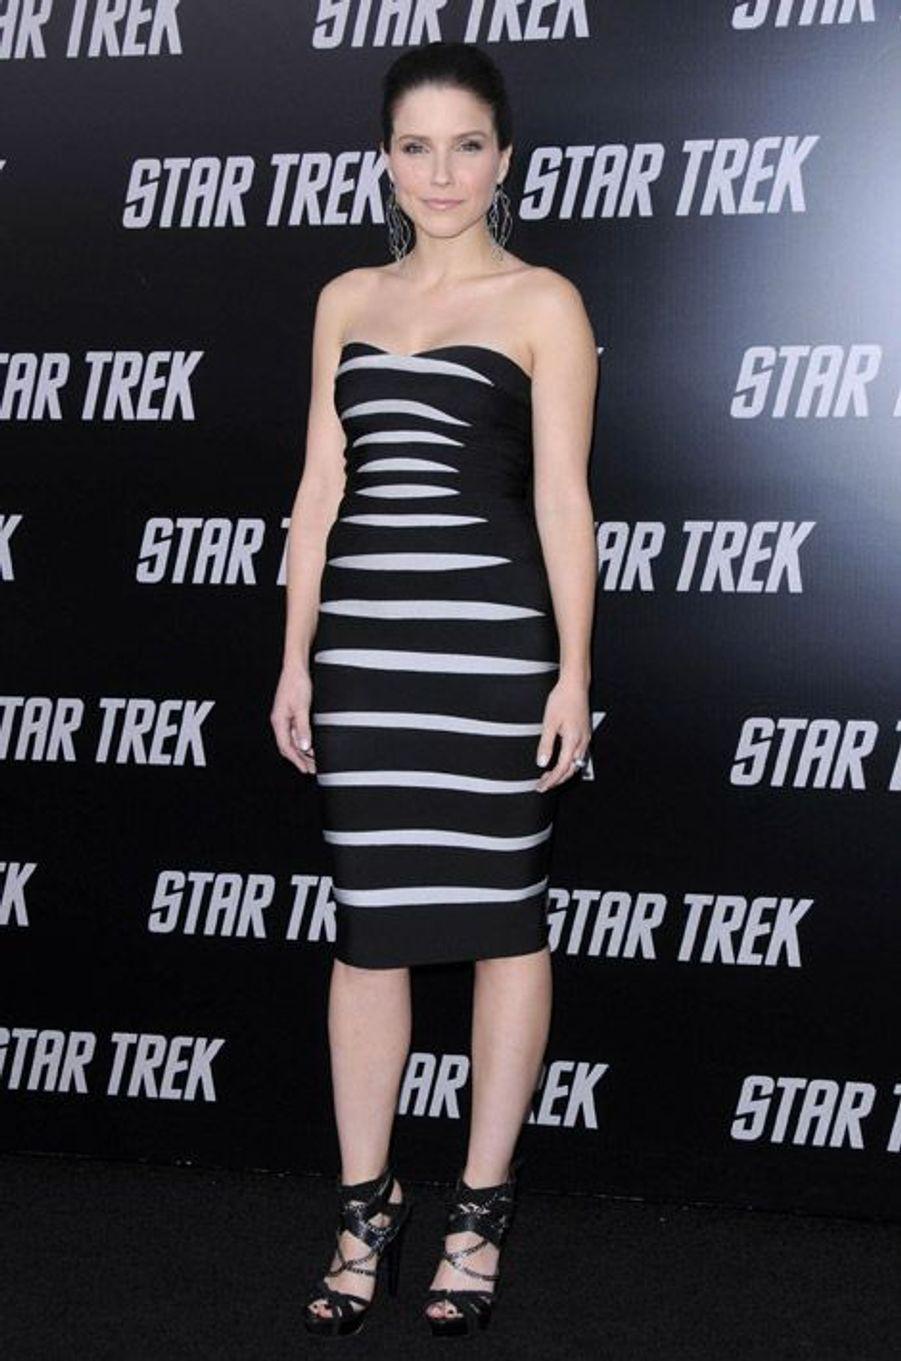 Le tournant sexy, pour la première de Star Trek à Los Angeles en 2009